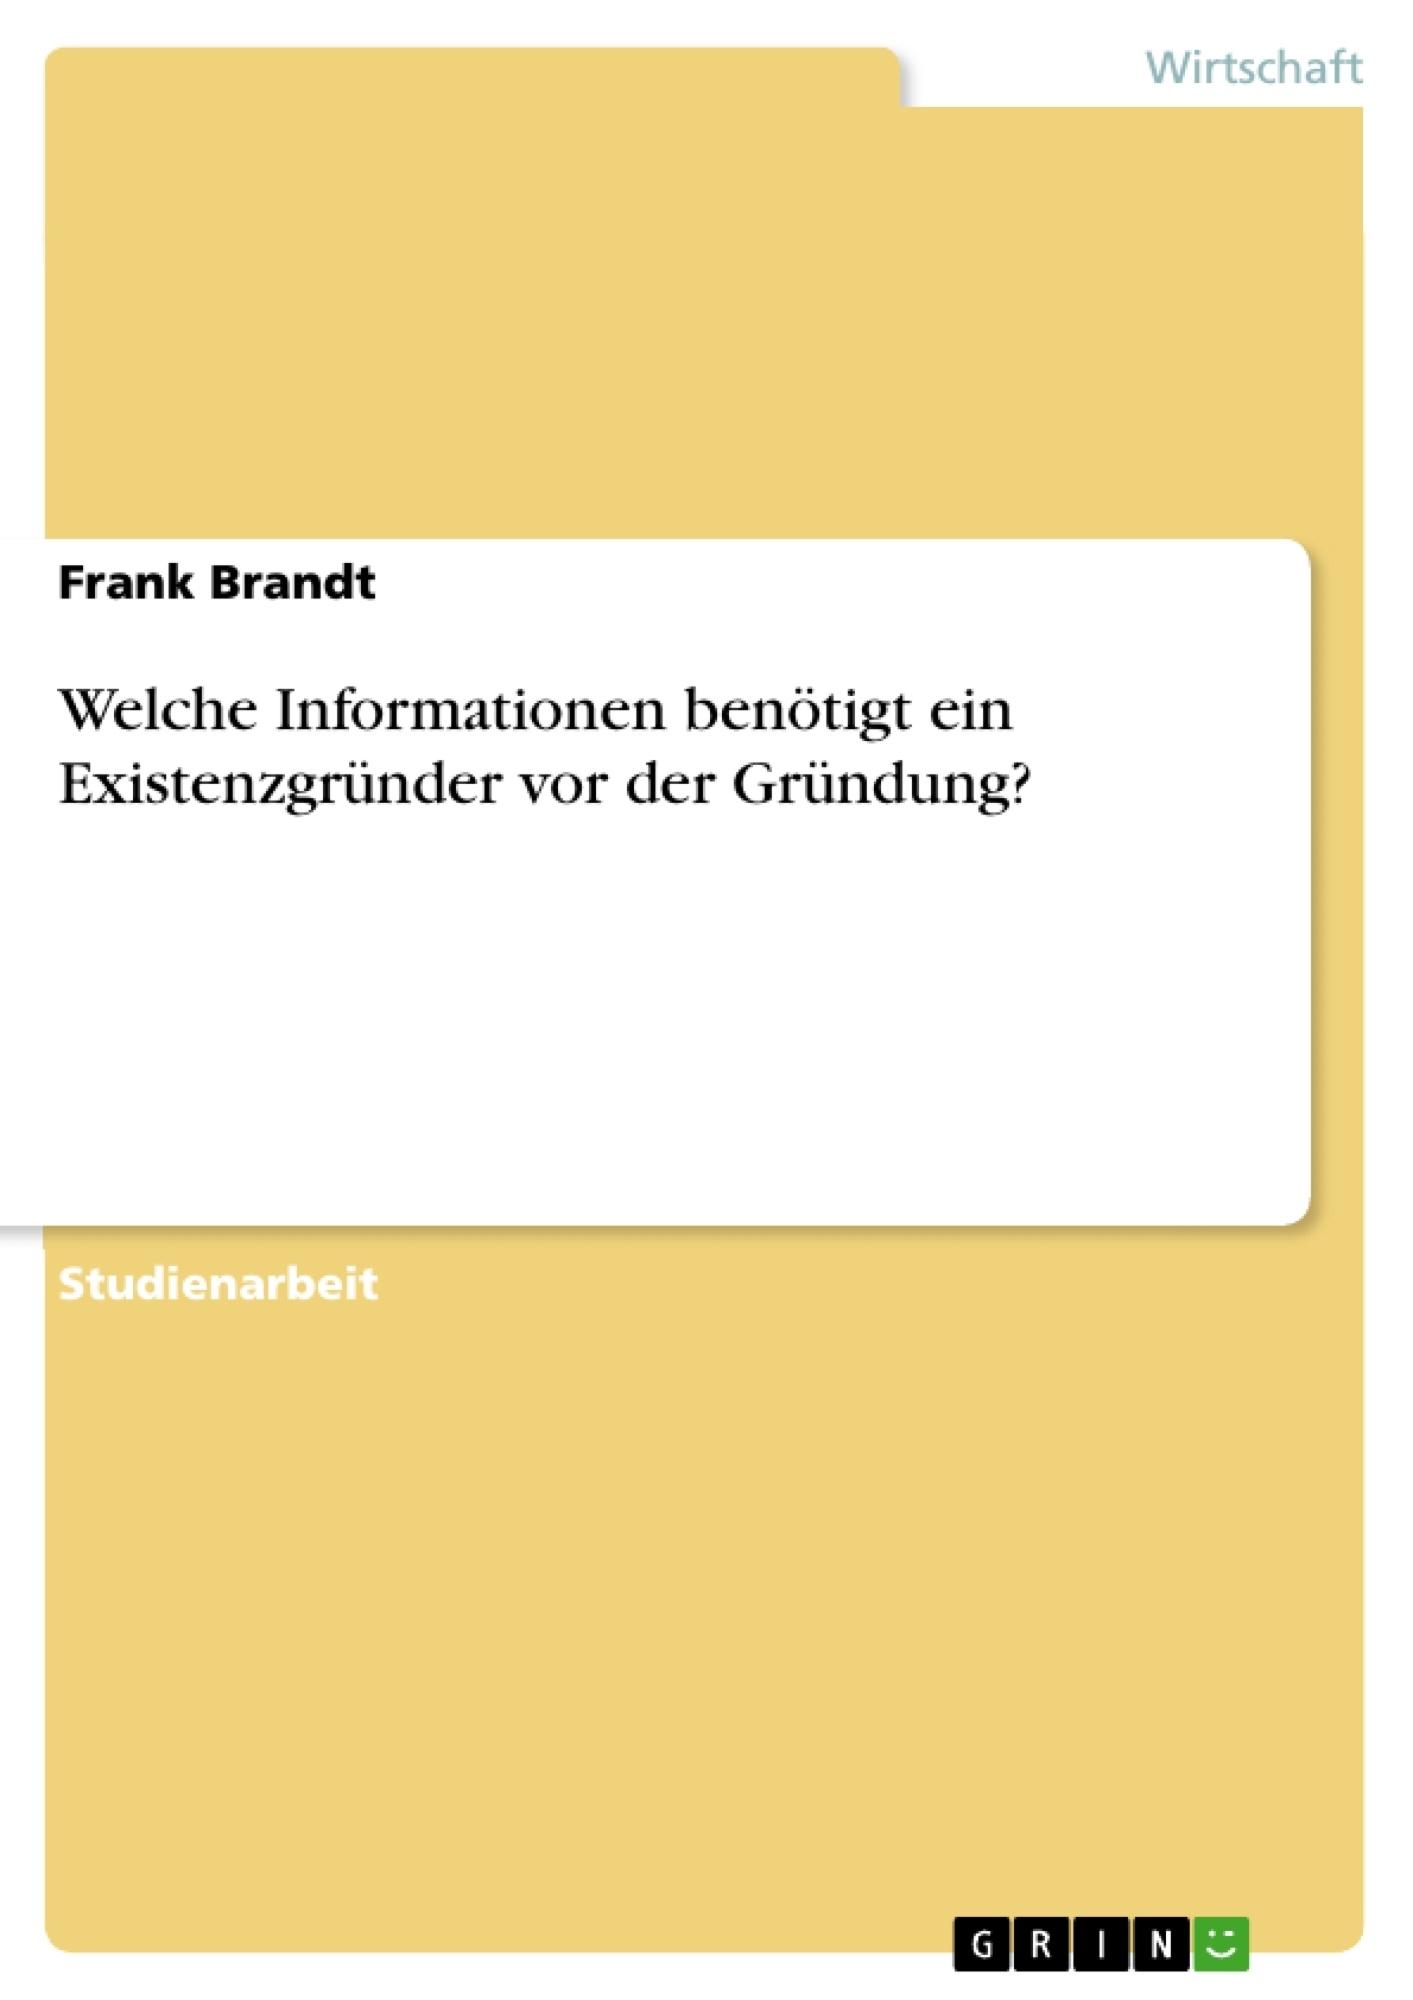 Titel: Welche Informationen benötigt ein Existenzgründer vor der Gründung?